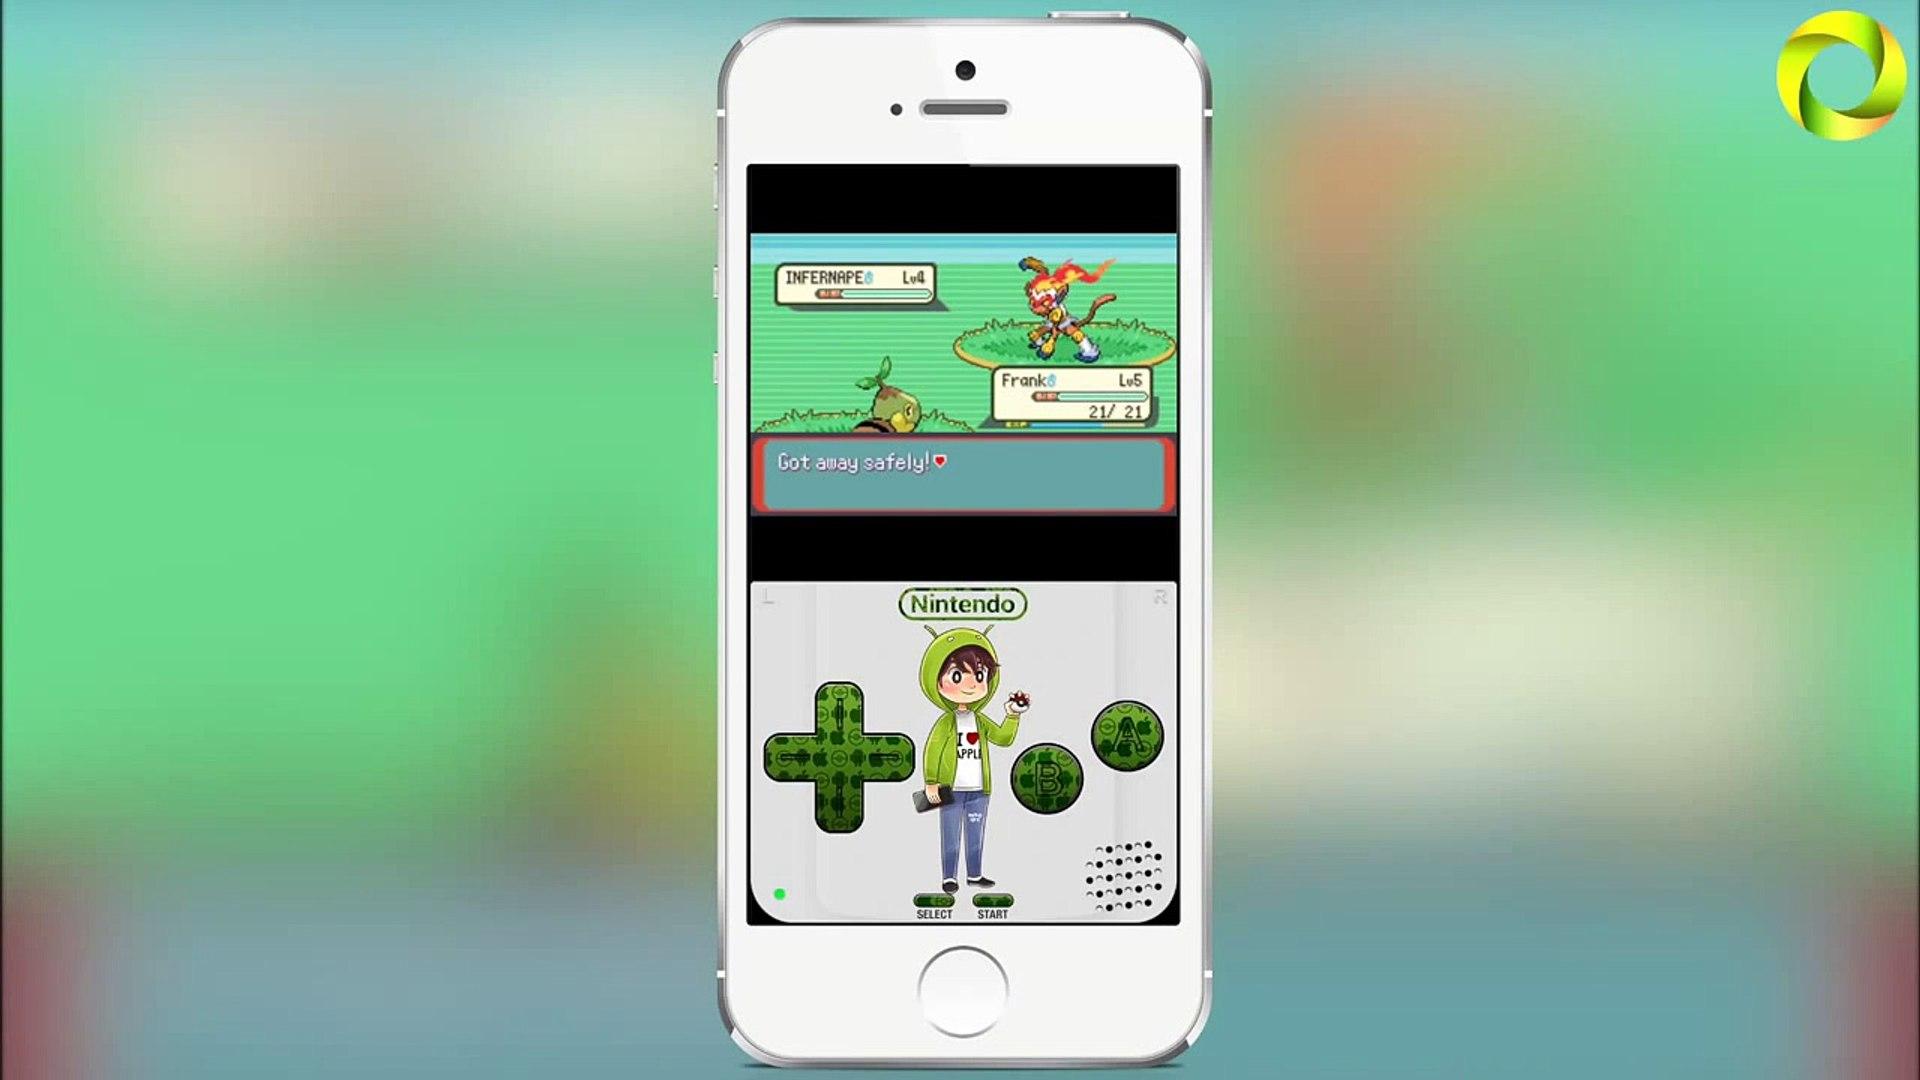 GBA4iOS: How to Get Randomized Pokemon ROM Hacks (NO COMPUTER) (NO  JAILBREAK)